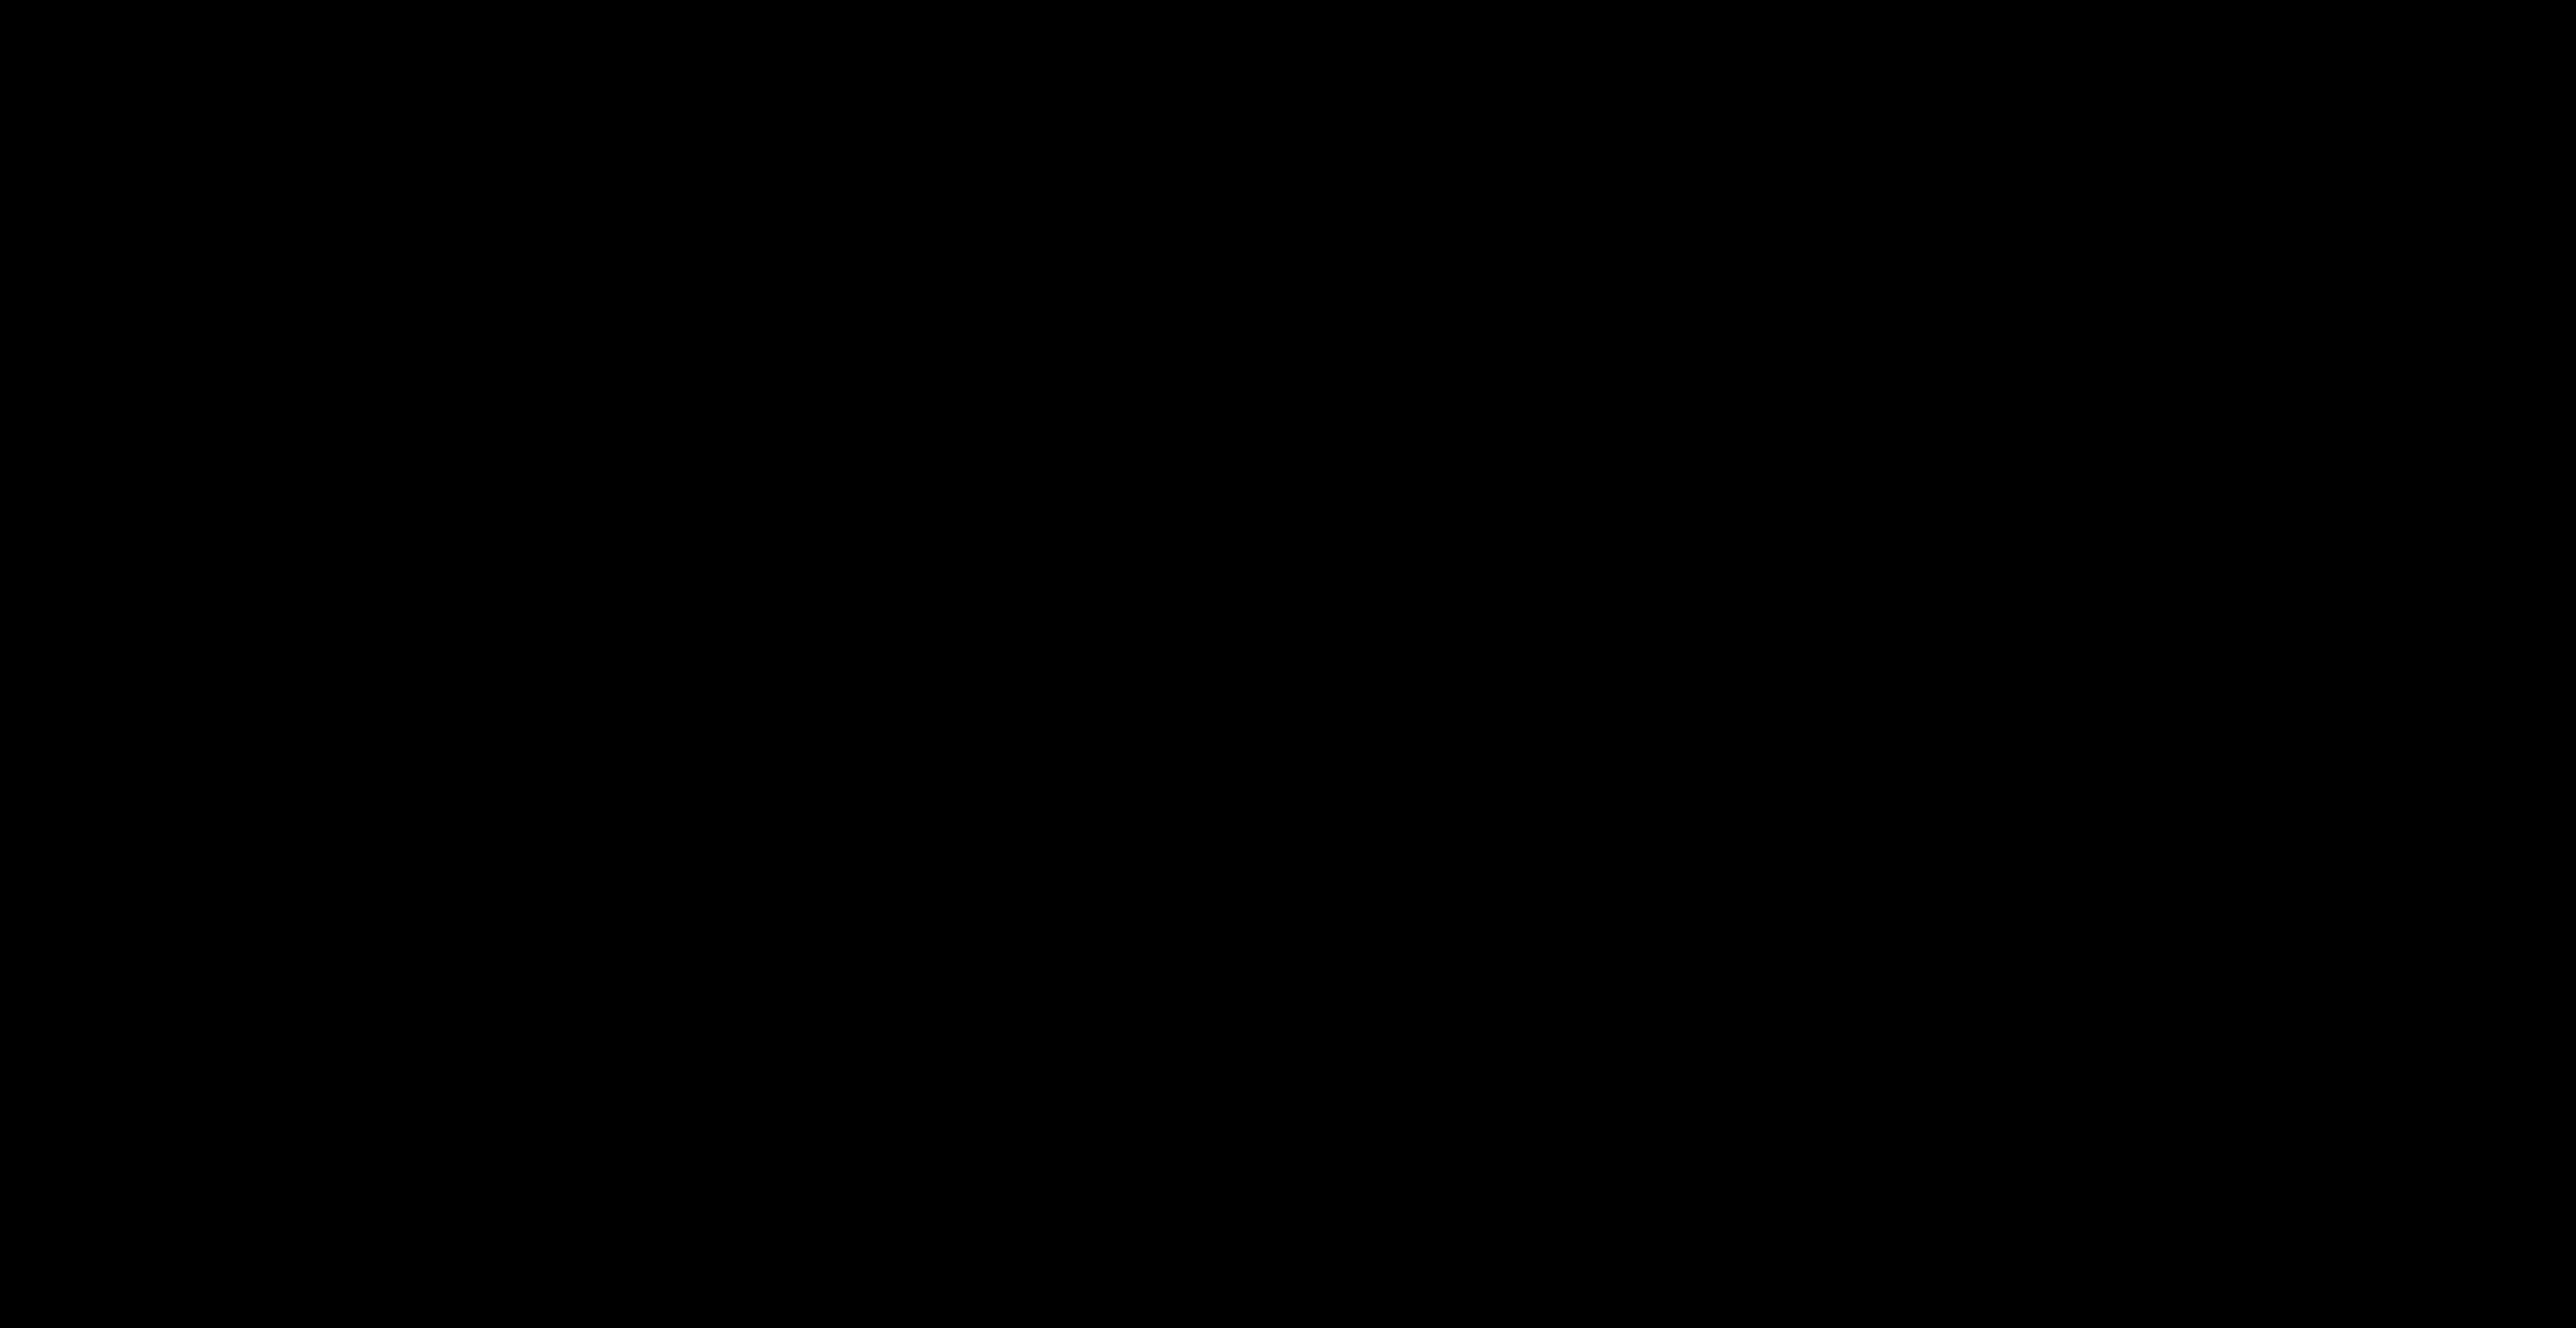 logopaino